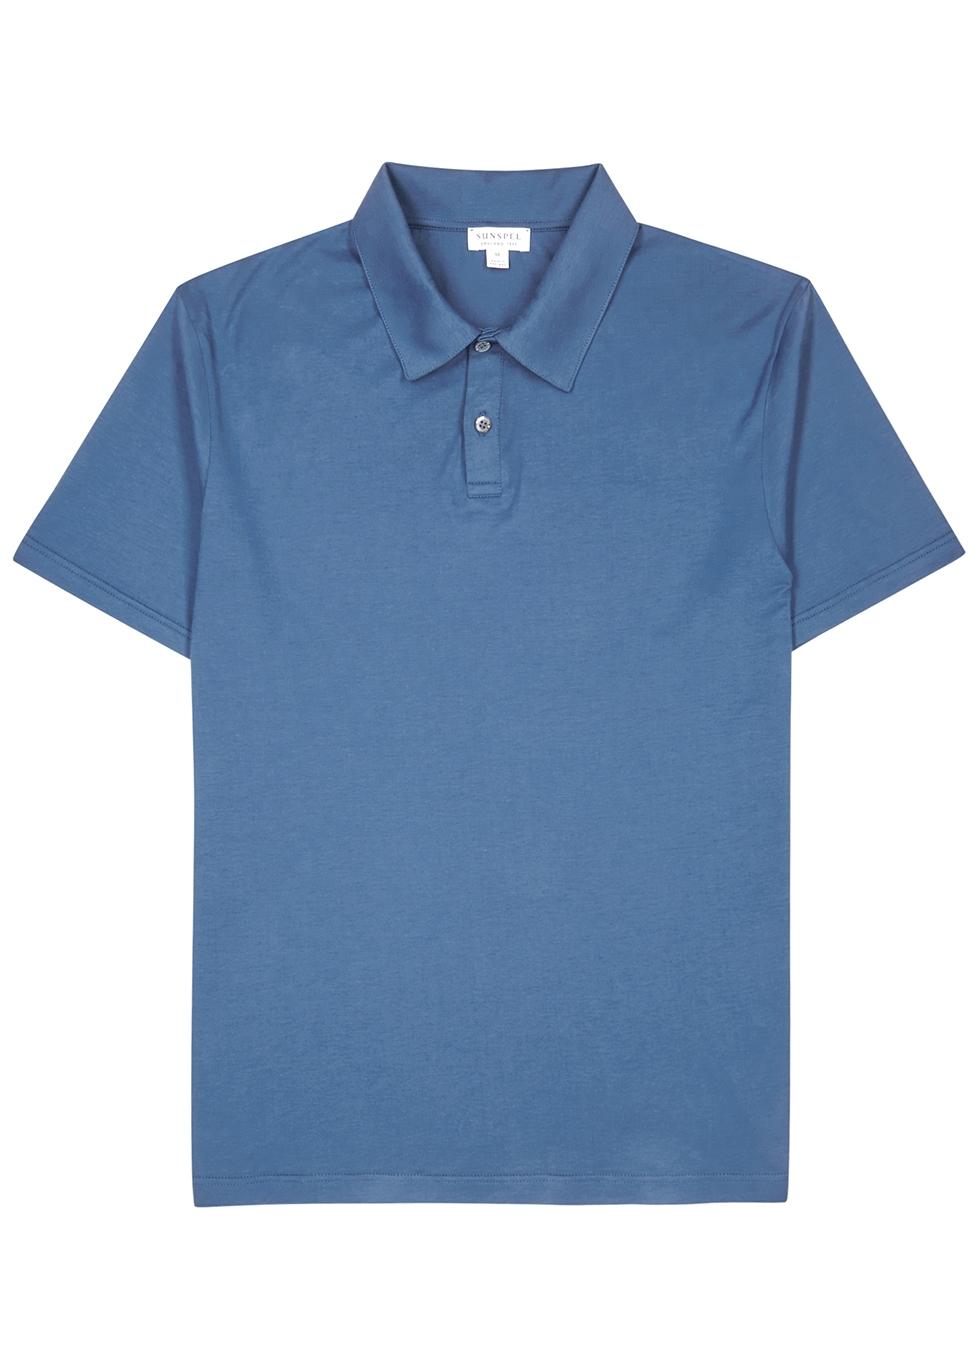 Blue cotton polo shirt - Sunspel